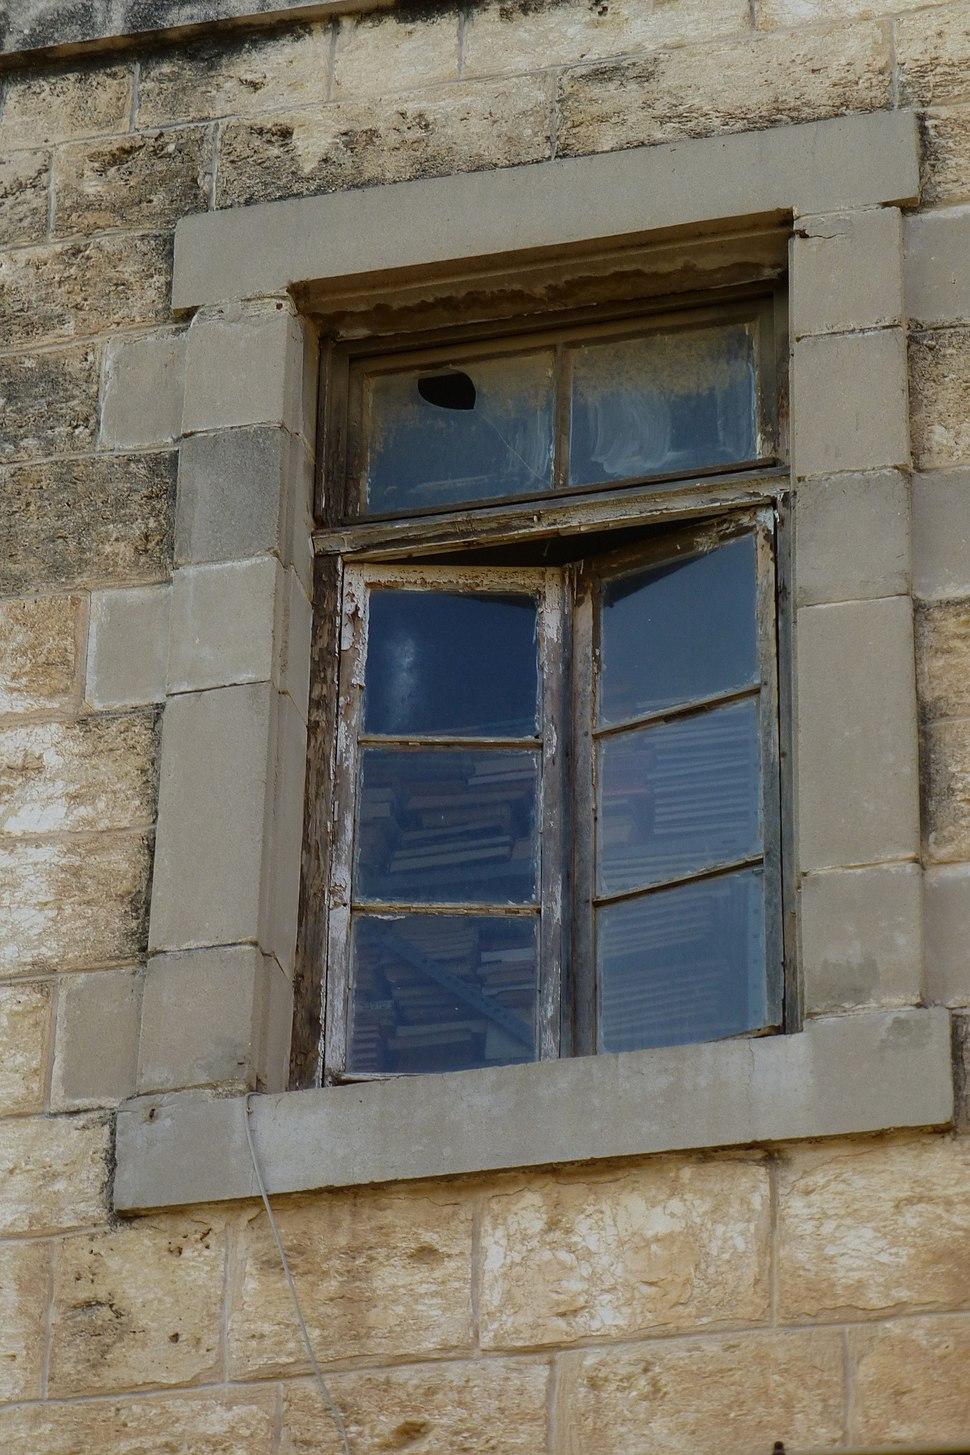 הגליל התחתון - בית לחם הגלילית - המתחם הטמפלרי (8)